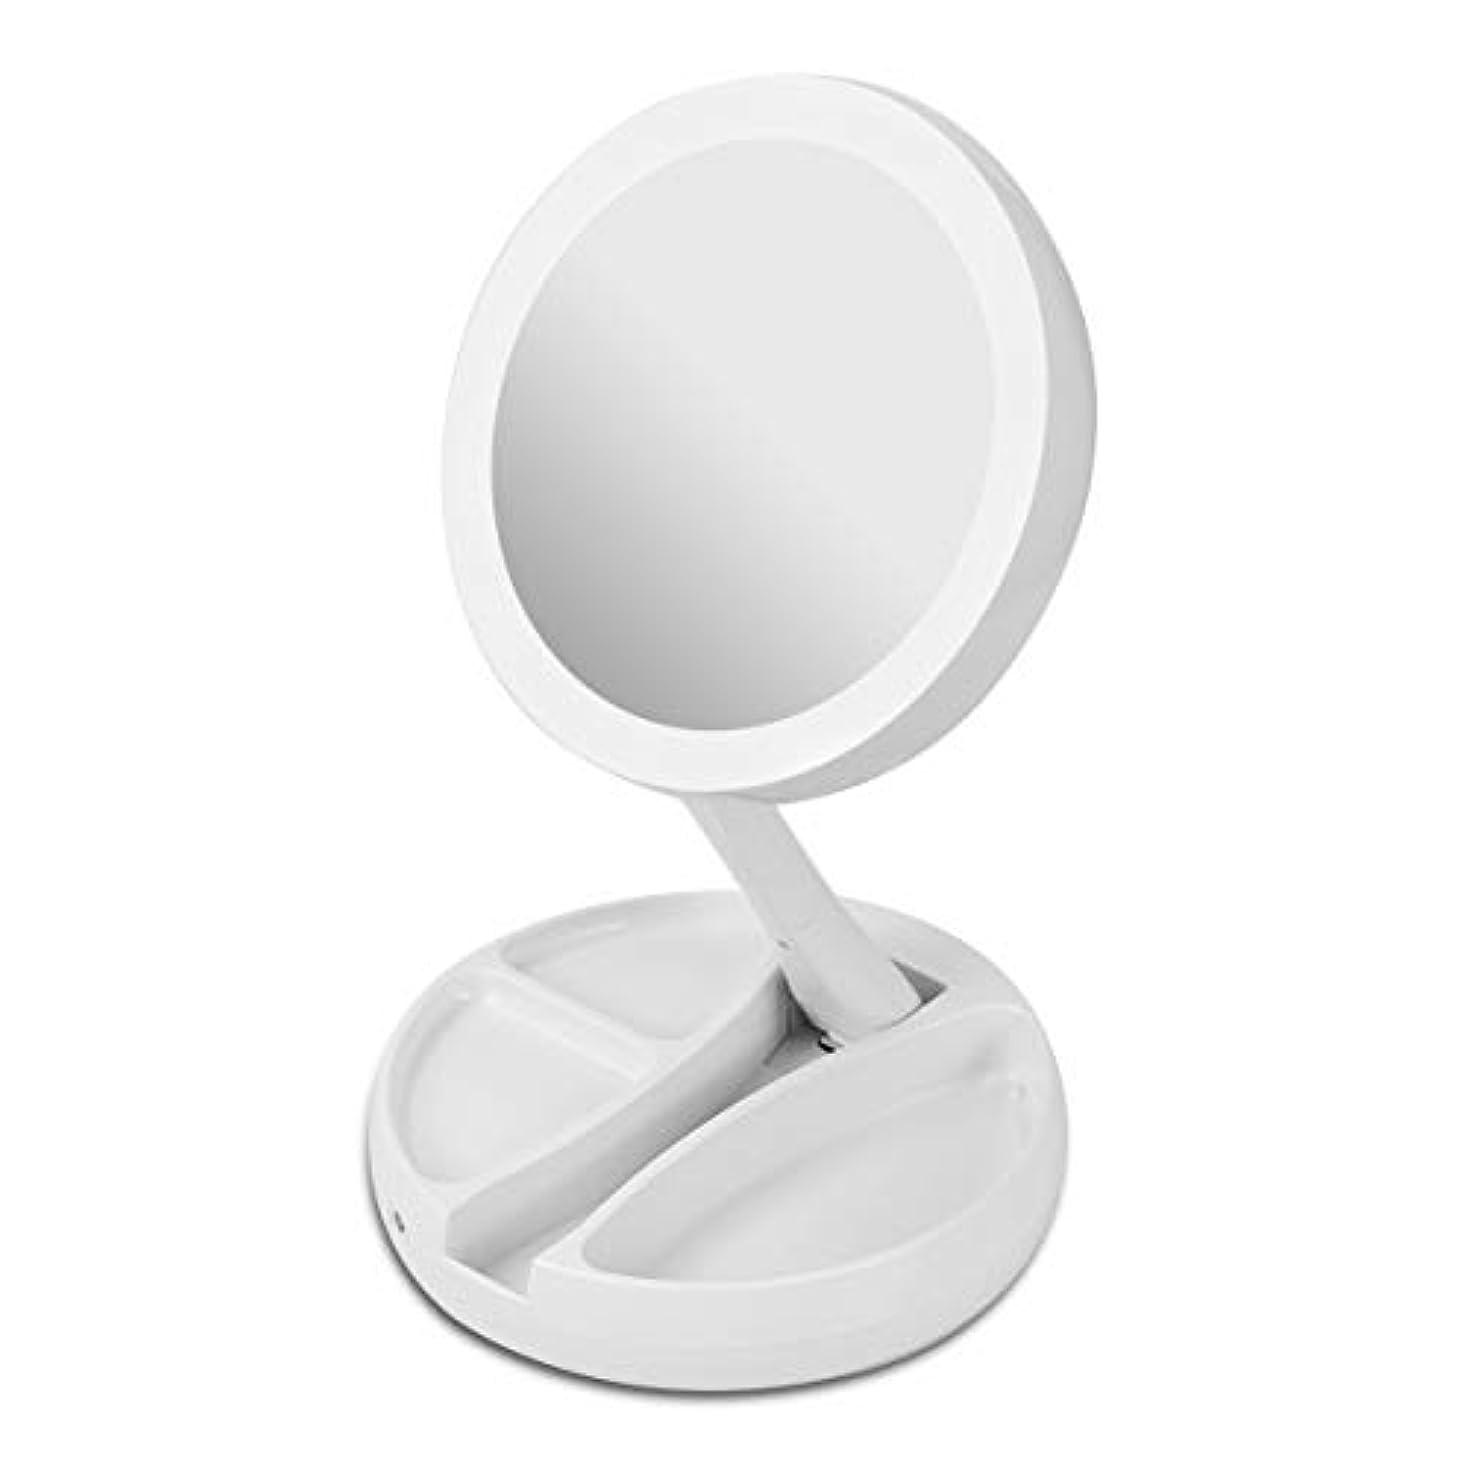 鼓舞するヒゲクジラ写真化粧鏡 卓上 拡大鏡 等倍と10倍拡大鏡 led ライト付き 折りたたみ式 化粧用鏡 両面鏡 360°回転 高さ調整可 USB/電池給電 収納便利 化粧ミラー 卓上鏡